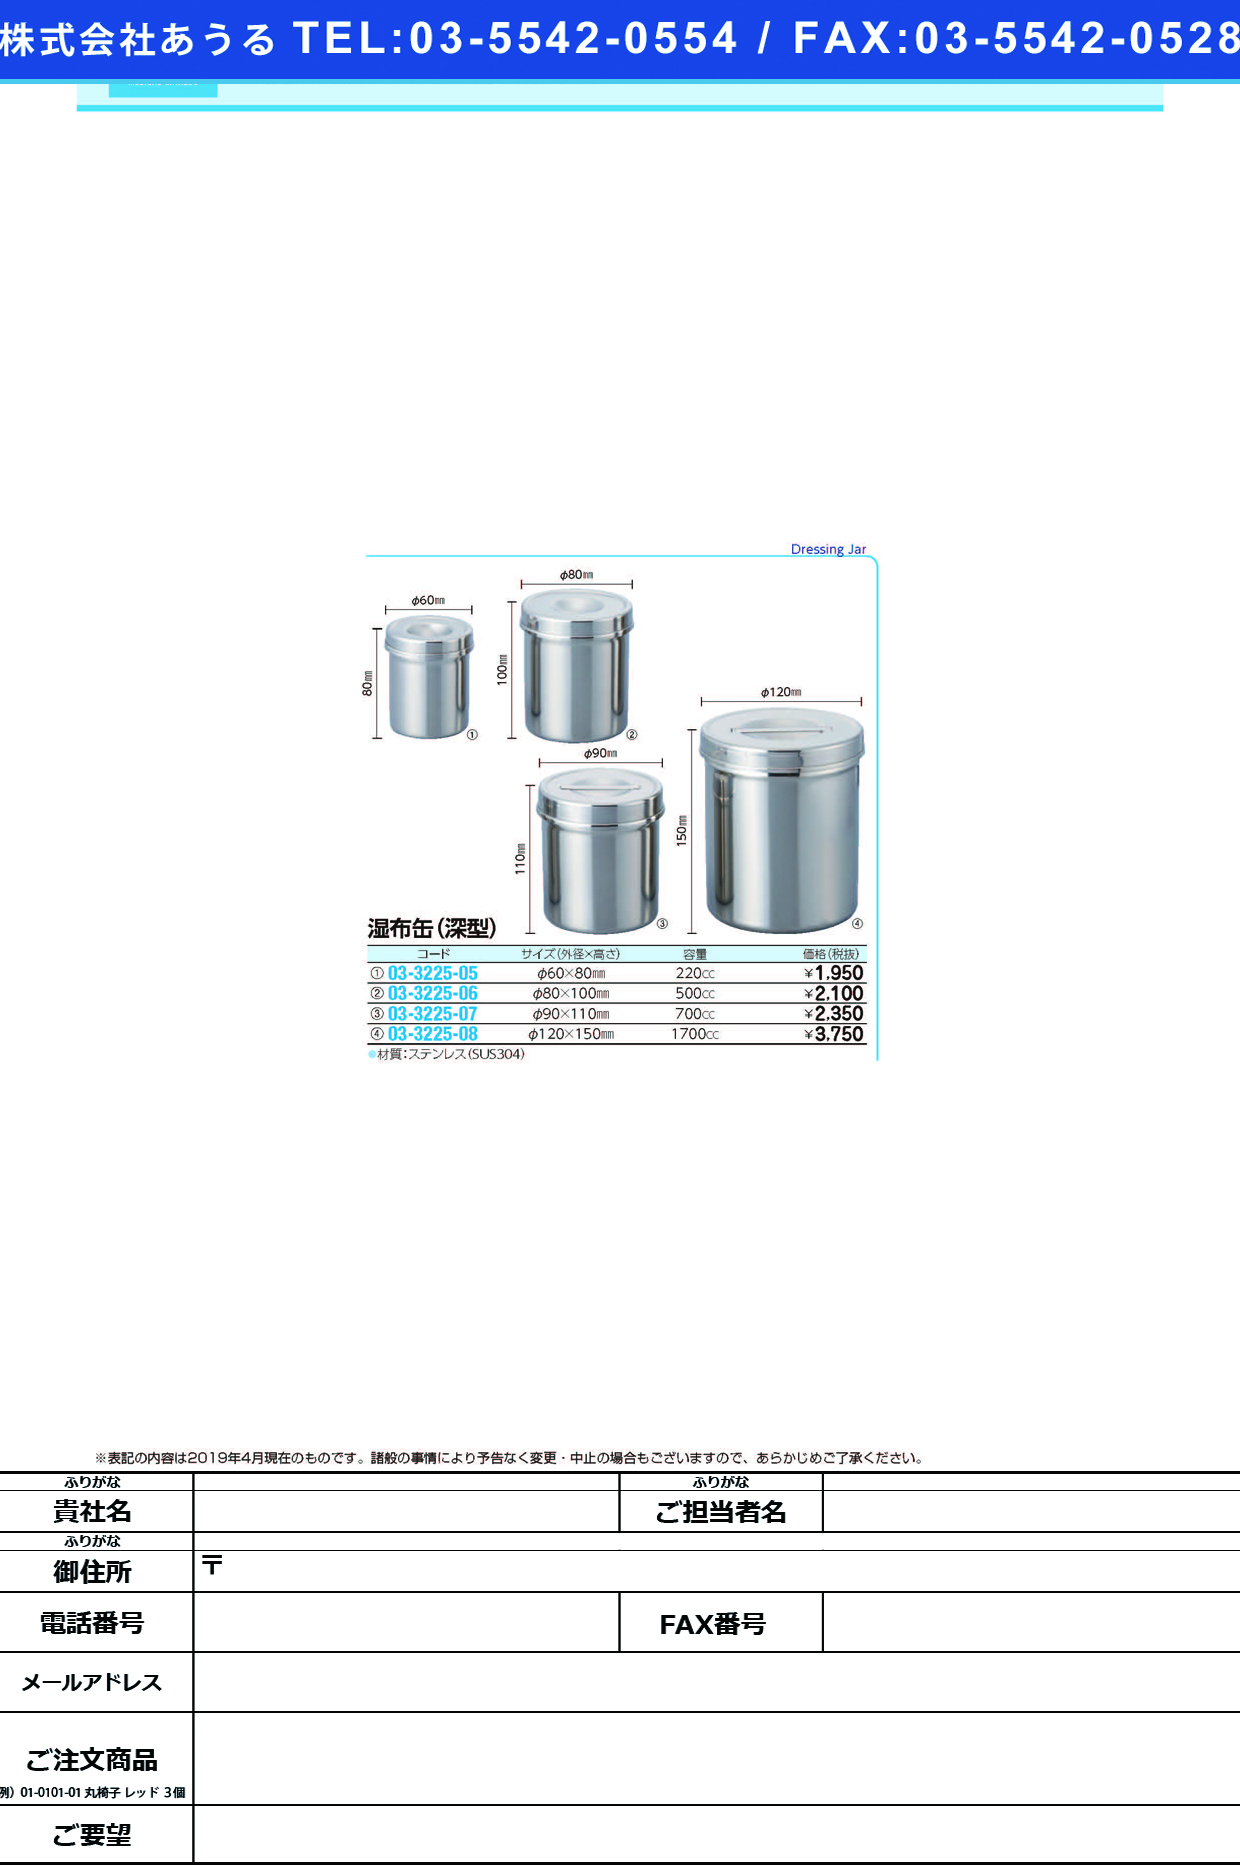 (03-3225-05)湿布缶(深型) 60X80MM(220CC) シップカン【1個単位】【2019年カタログ商品】